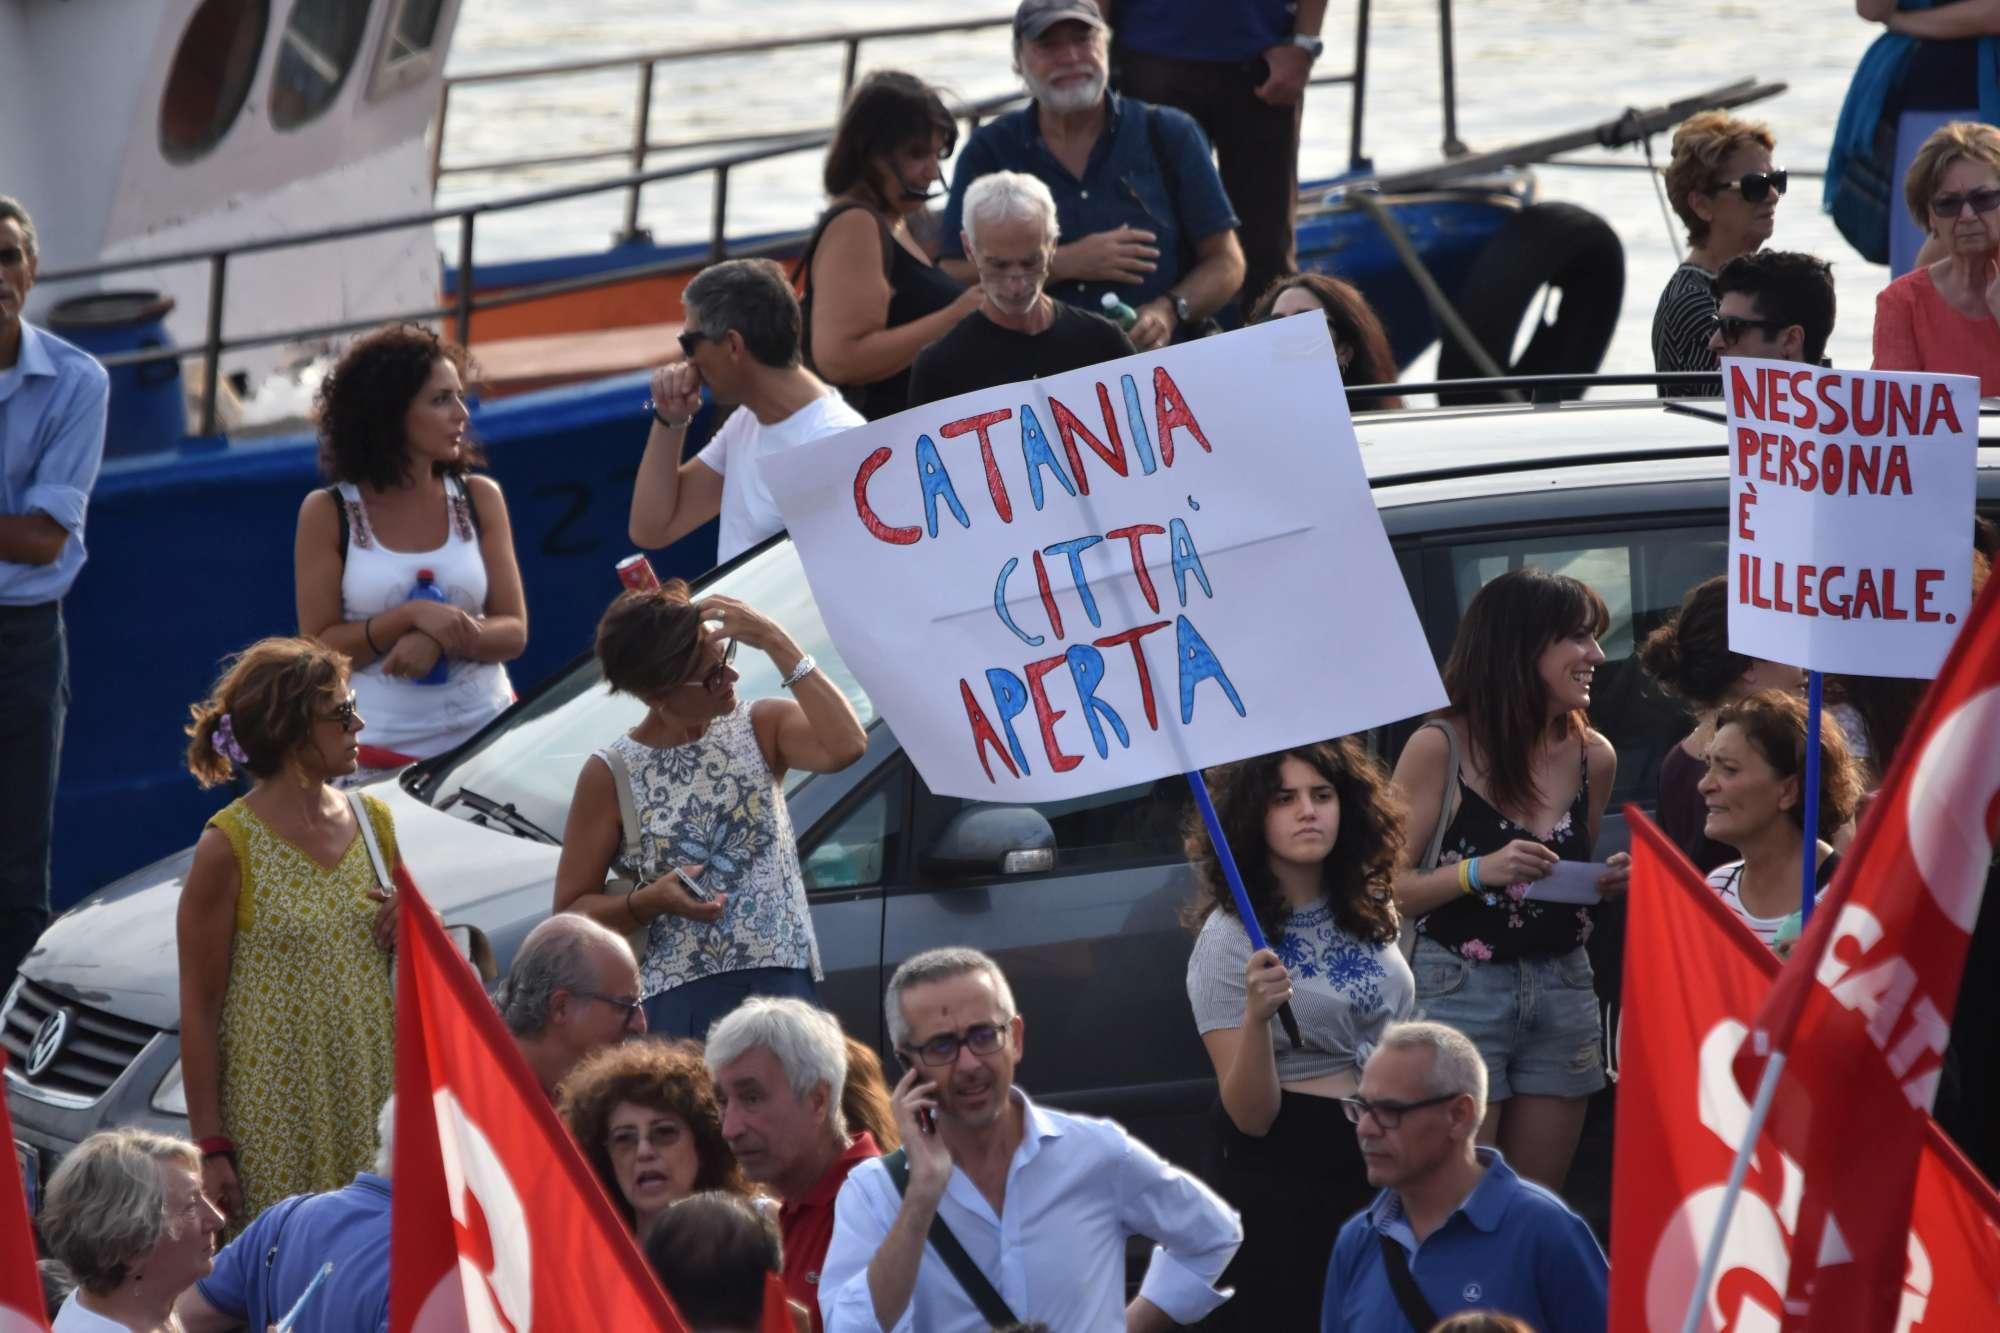 Diciotti, manifestazione a Catania: scontri con la polizia